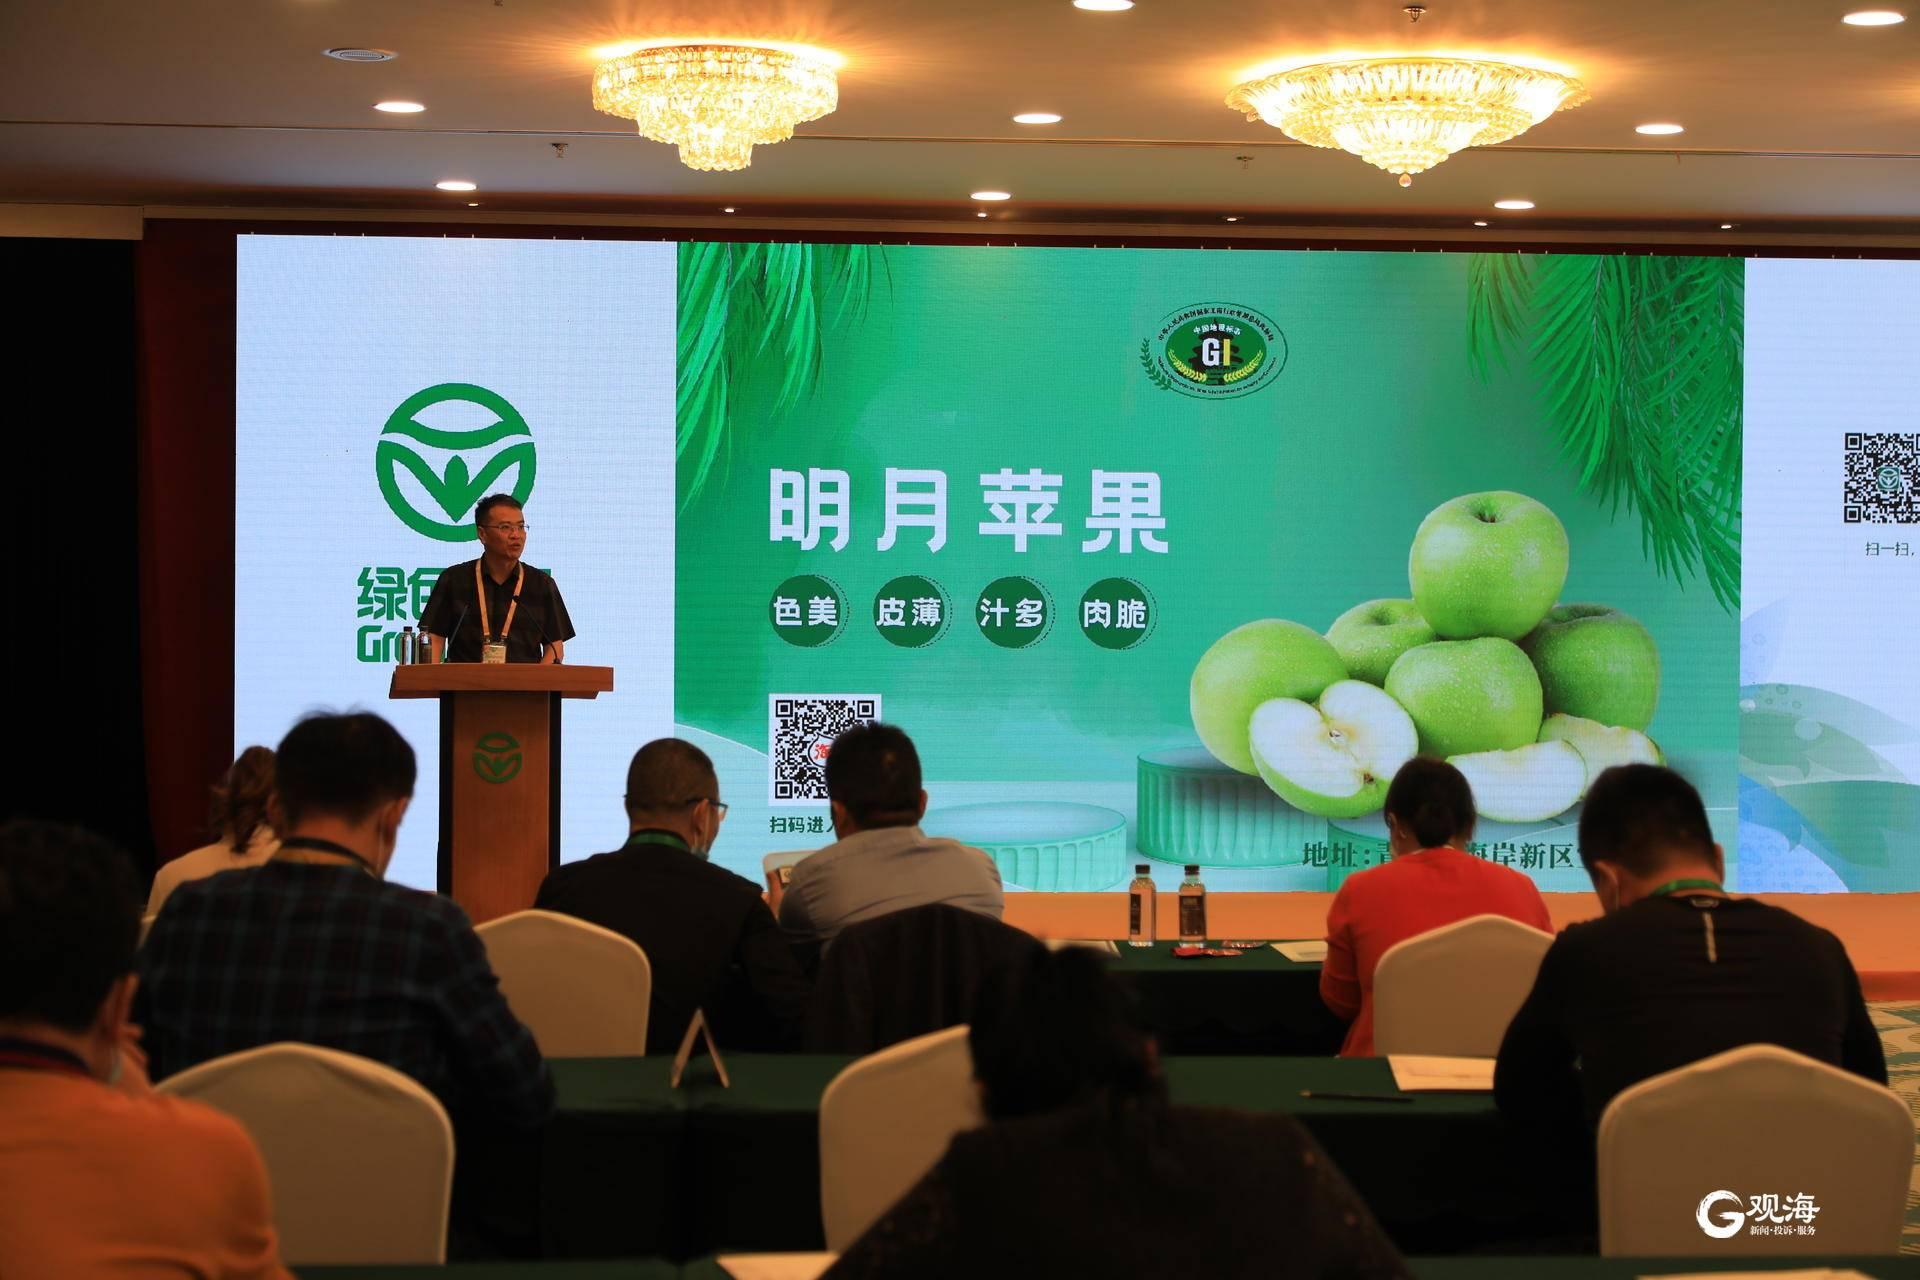 宝山明月苹果获得 第二十一届中国绿博会金奖